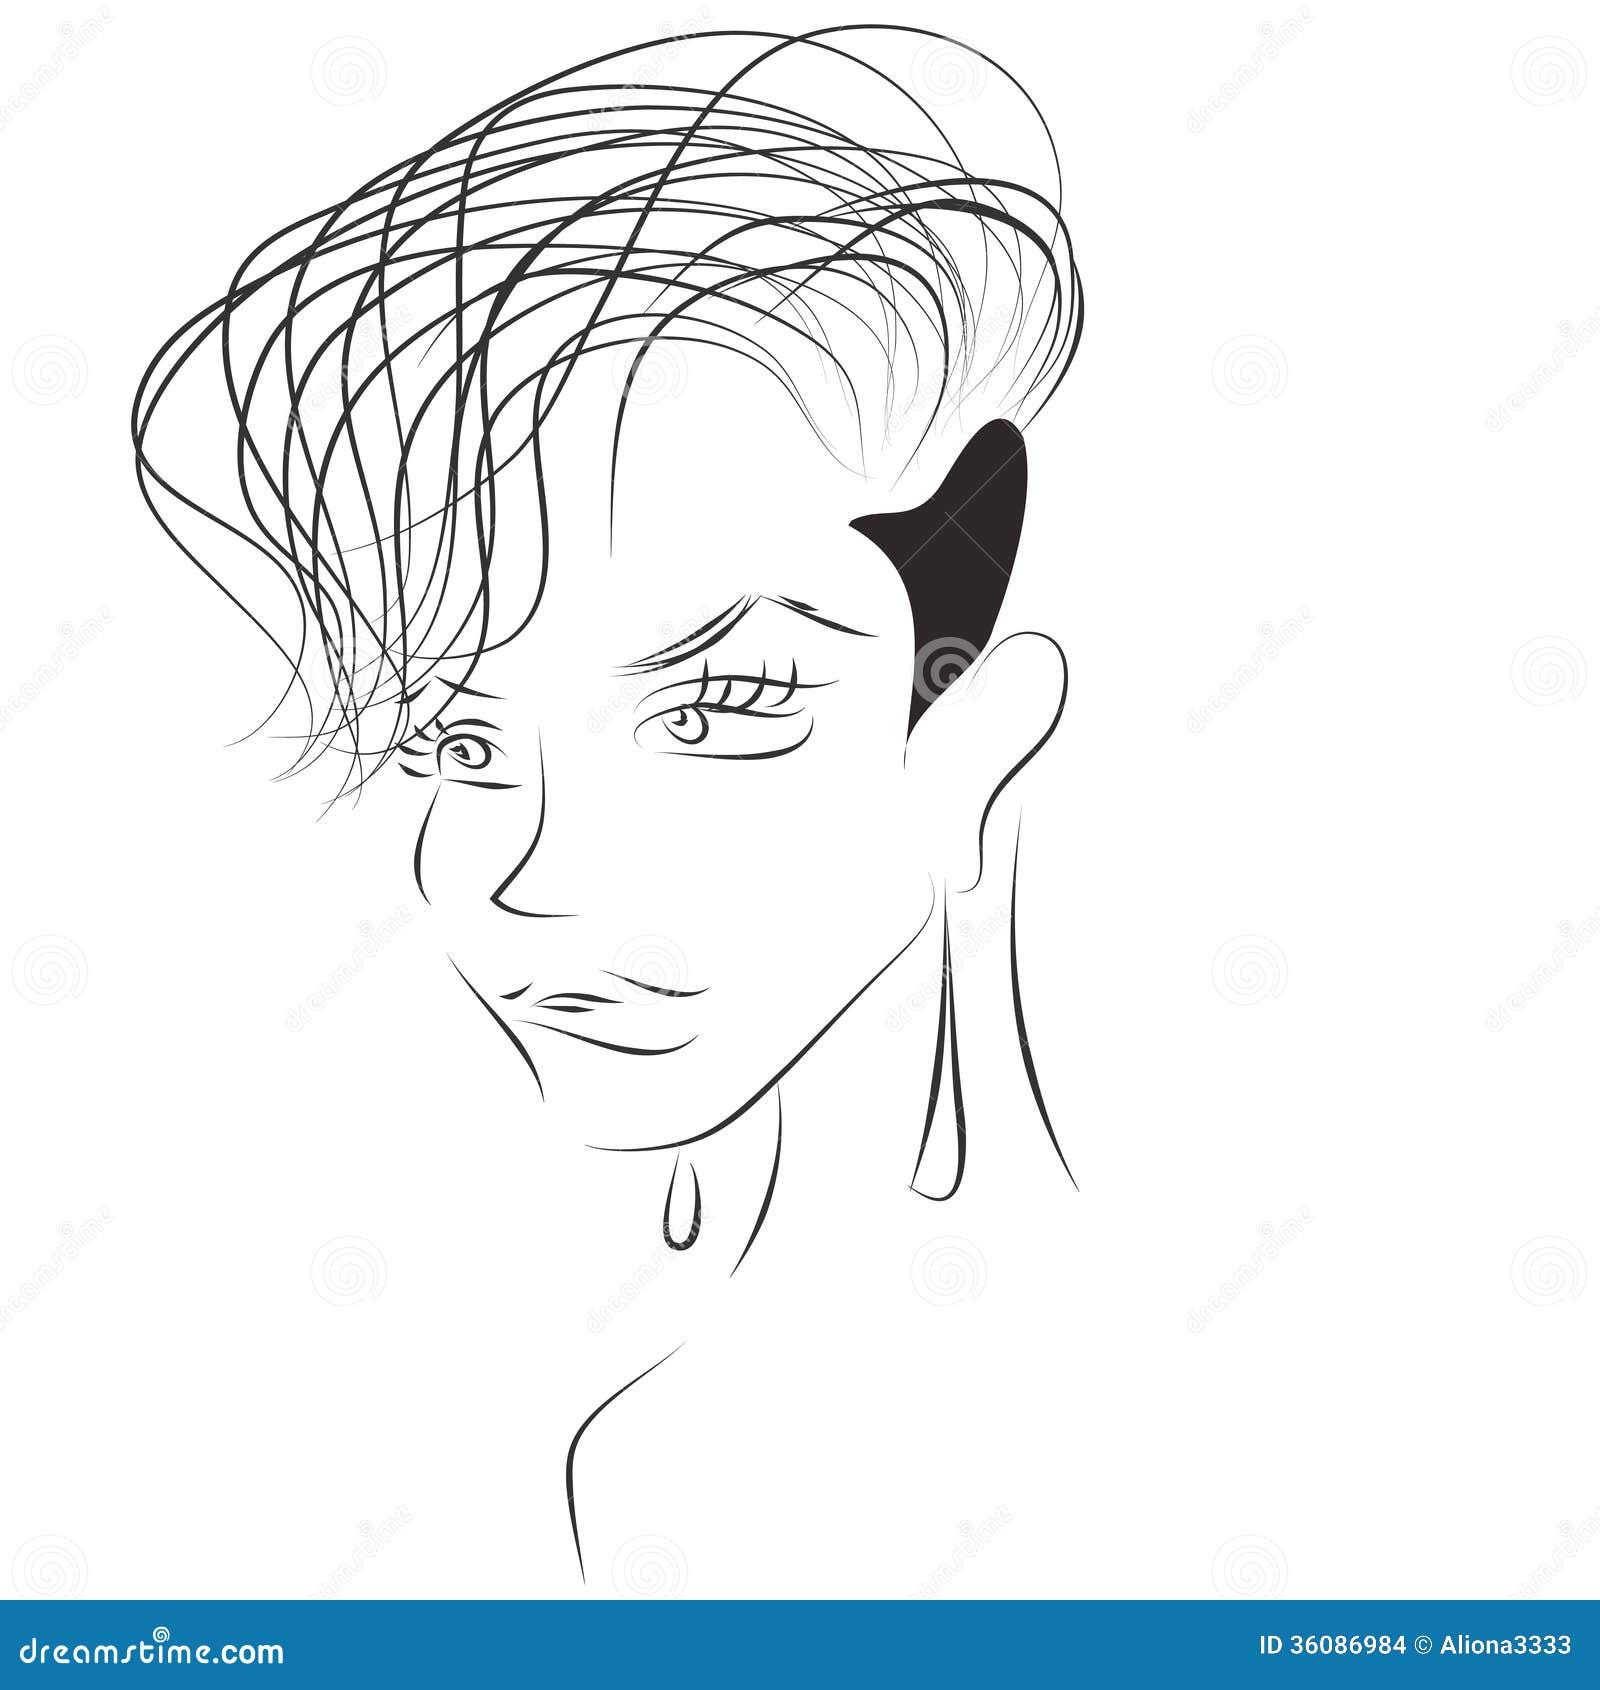 Corte de pelo y afeitado: Comprar Corte de pelo y afeitado